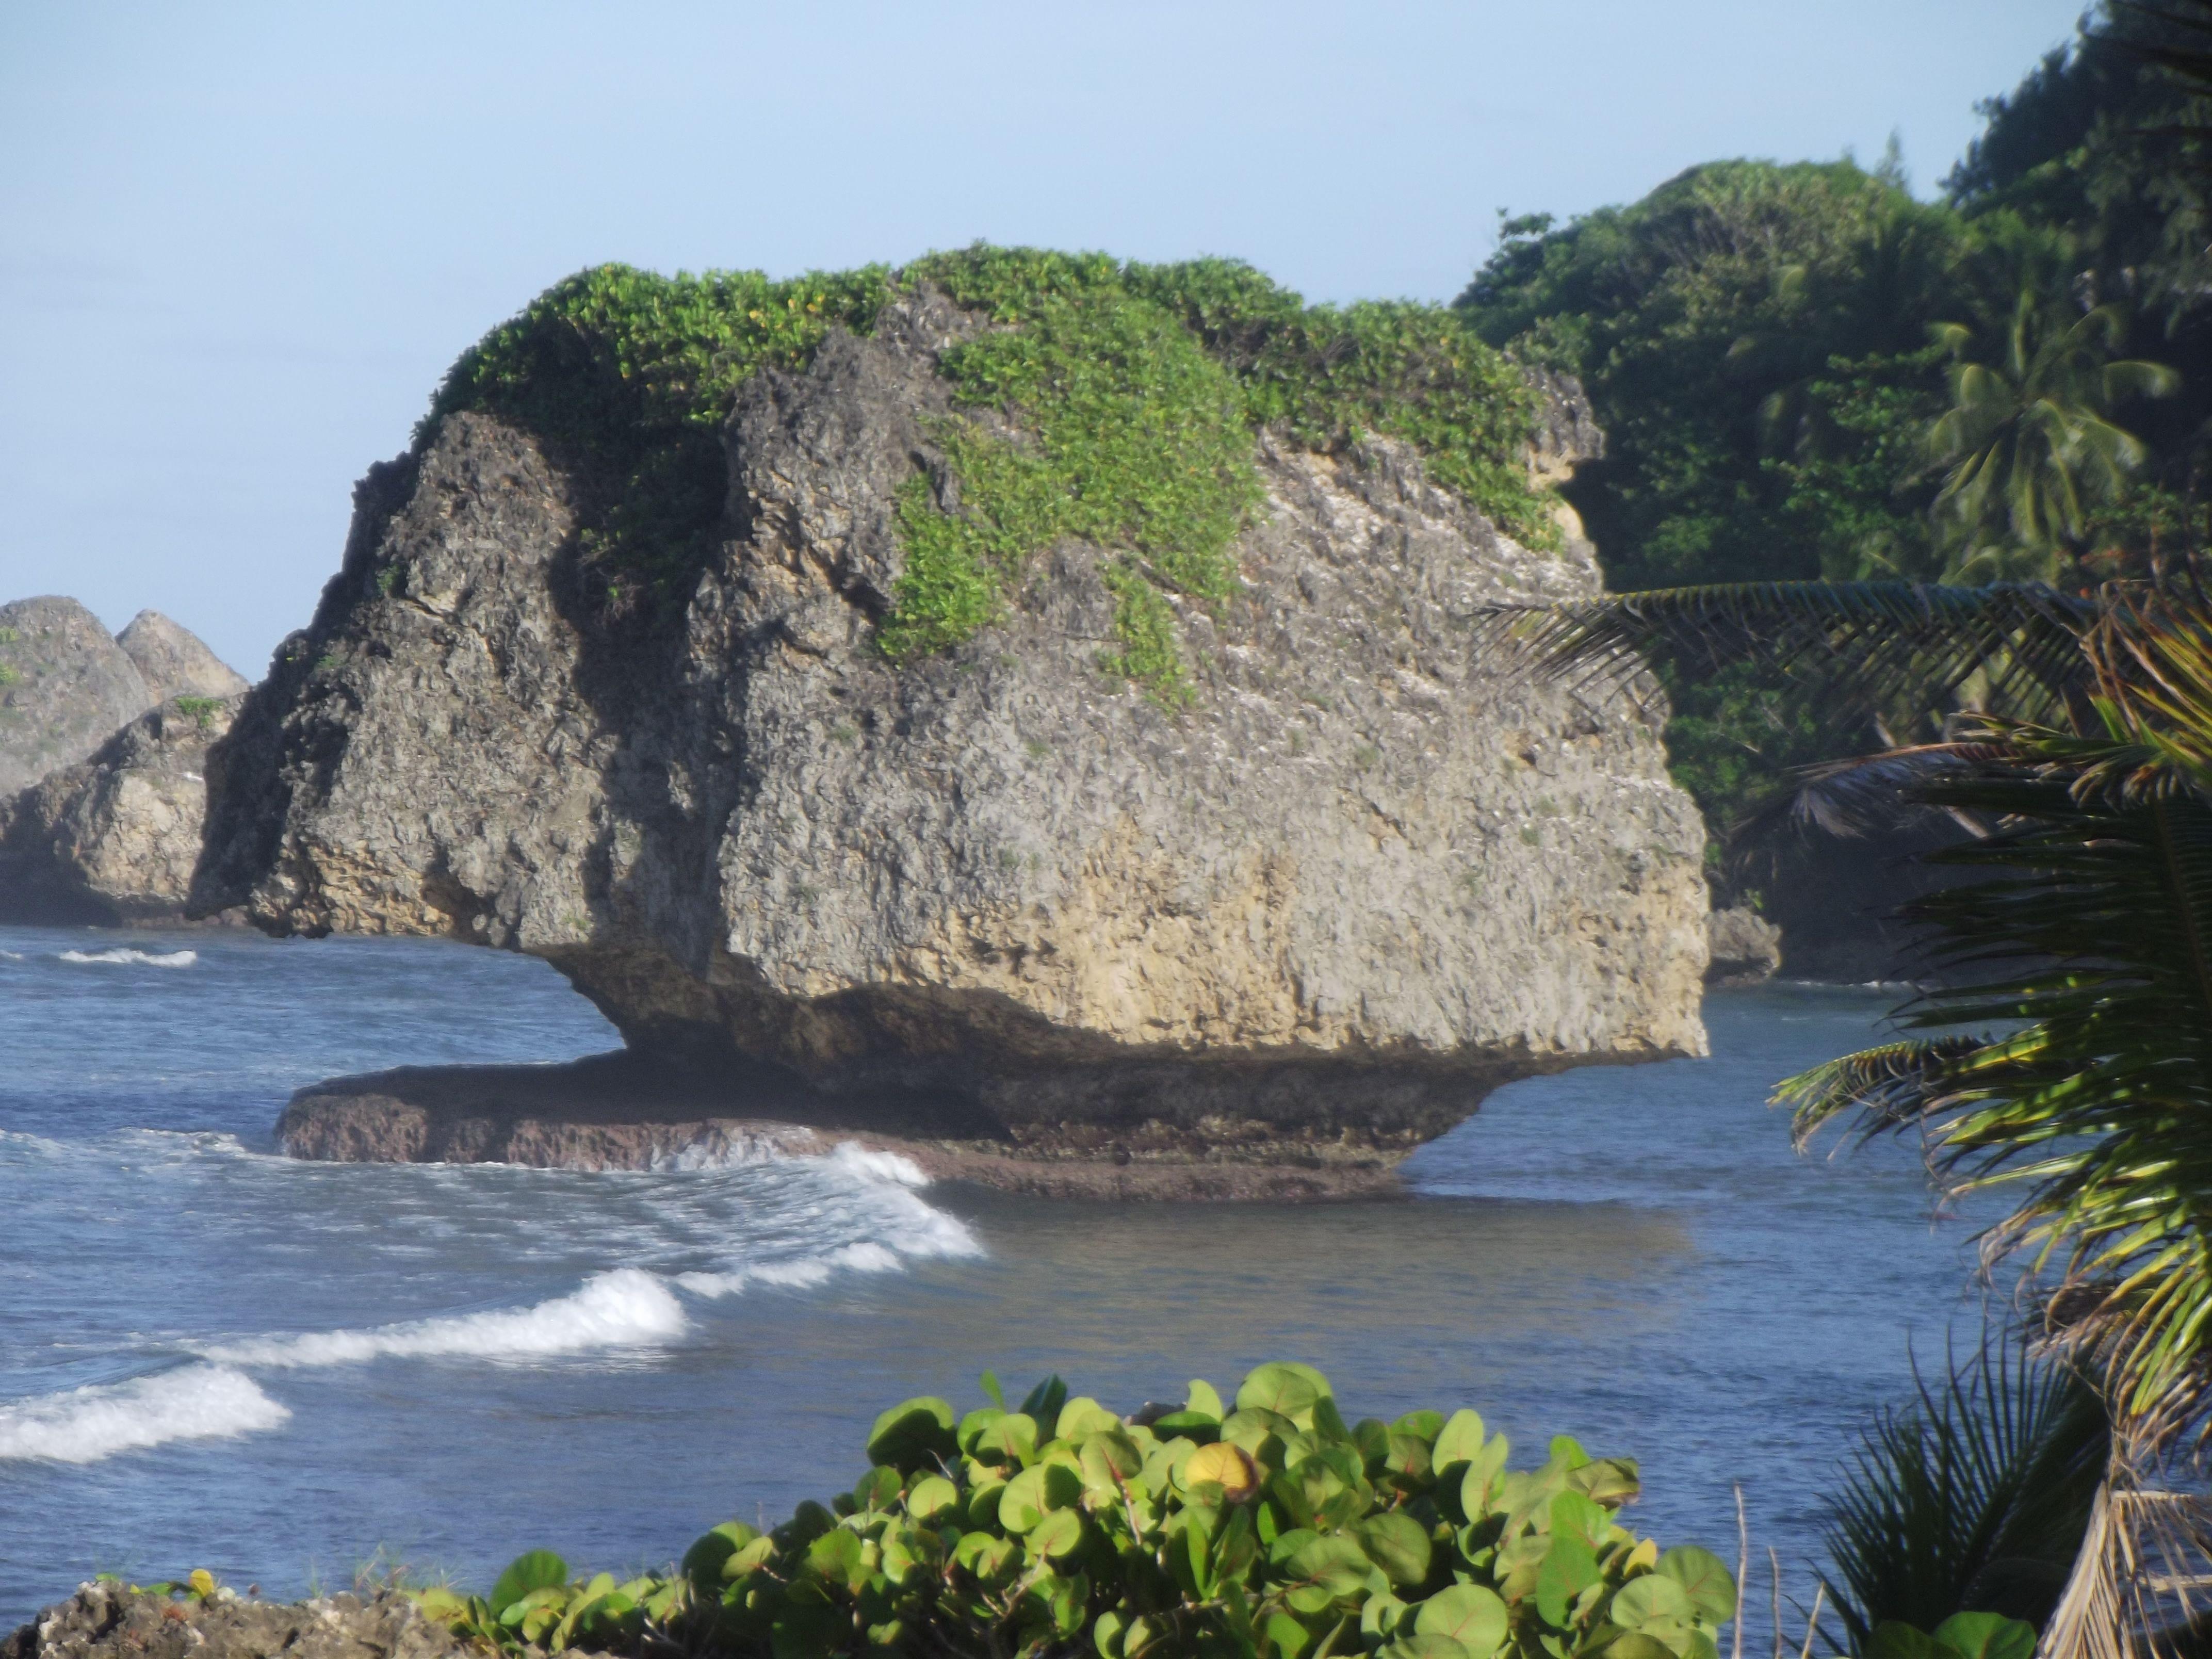 Mushroom Rock, Tent Bay, Bathsheba, Barbados, where Dustin